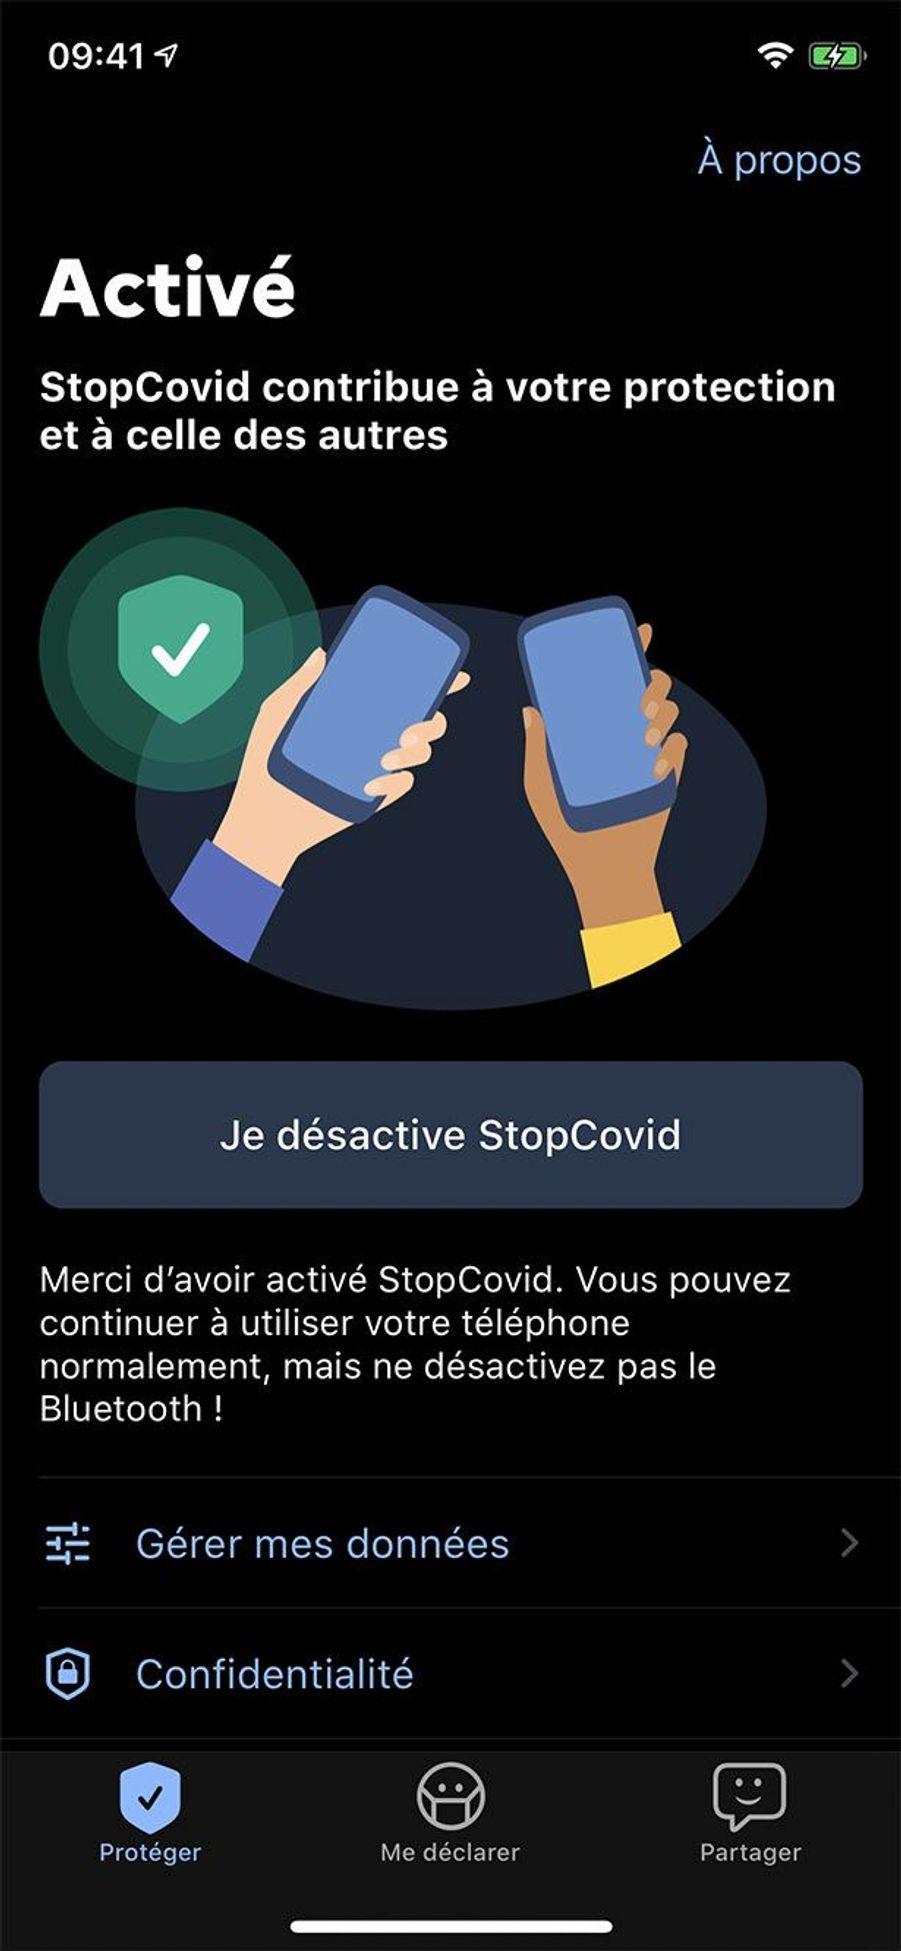 Capture d'écran de l'application StopCovid, diffusée par le gouvernement.